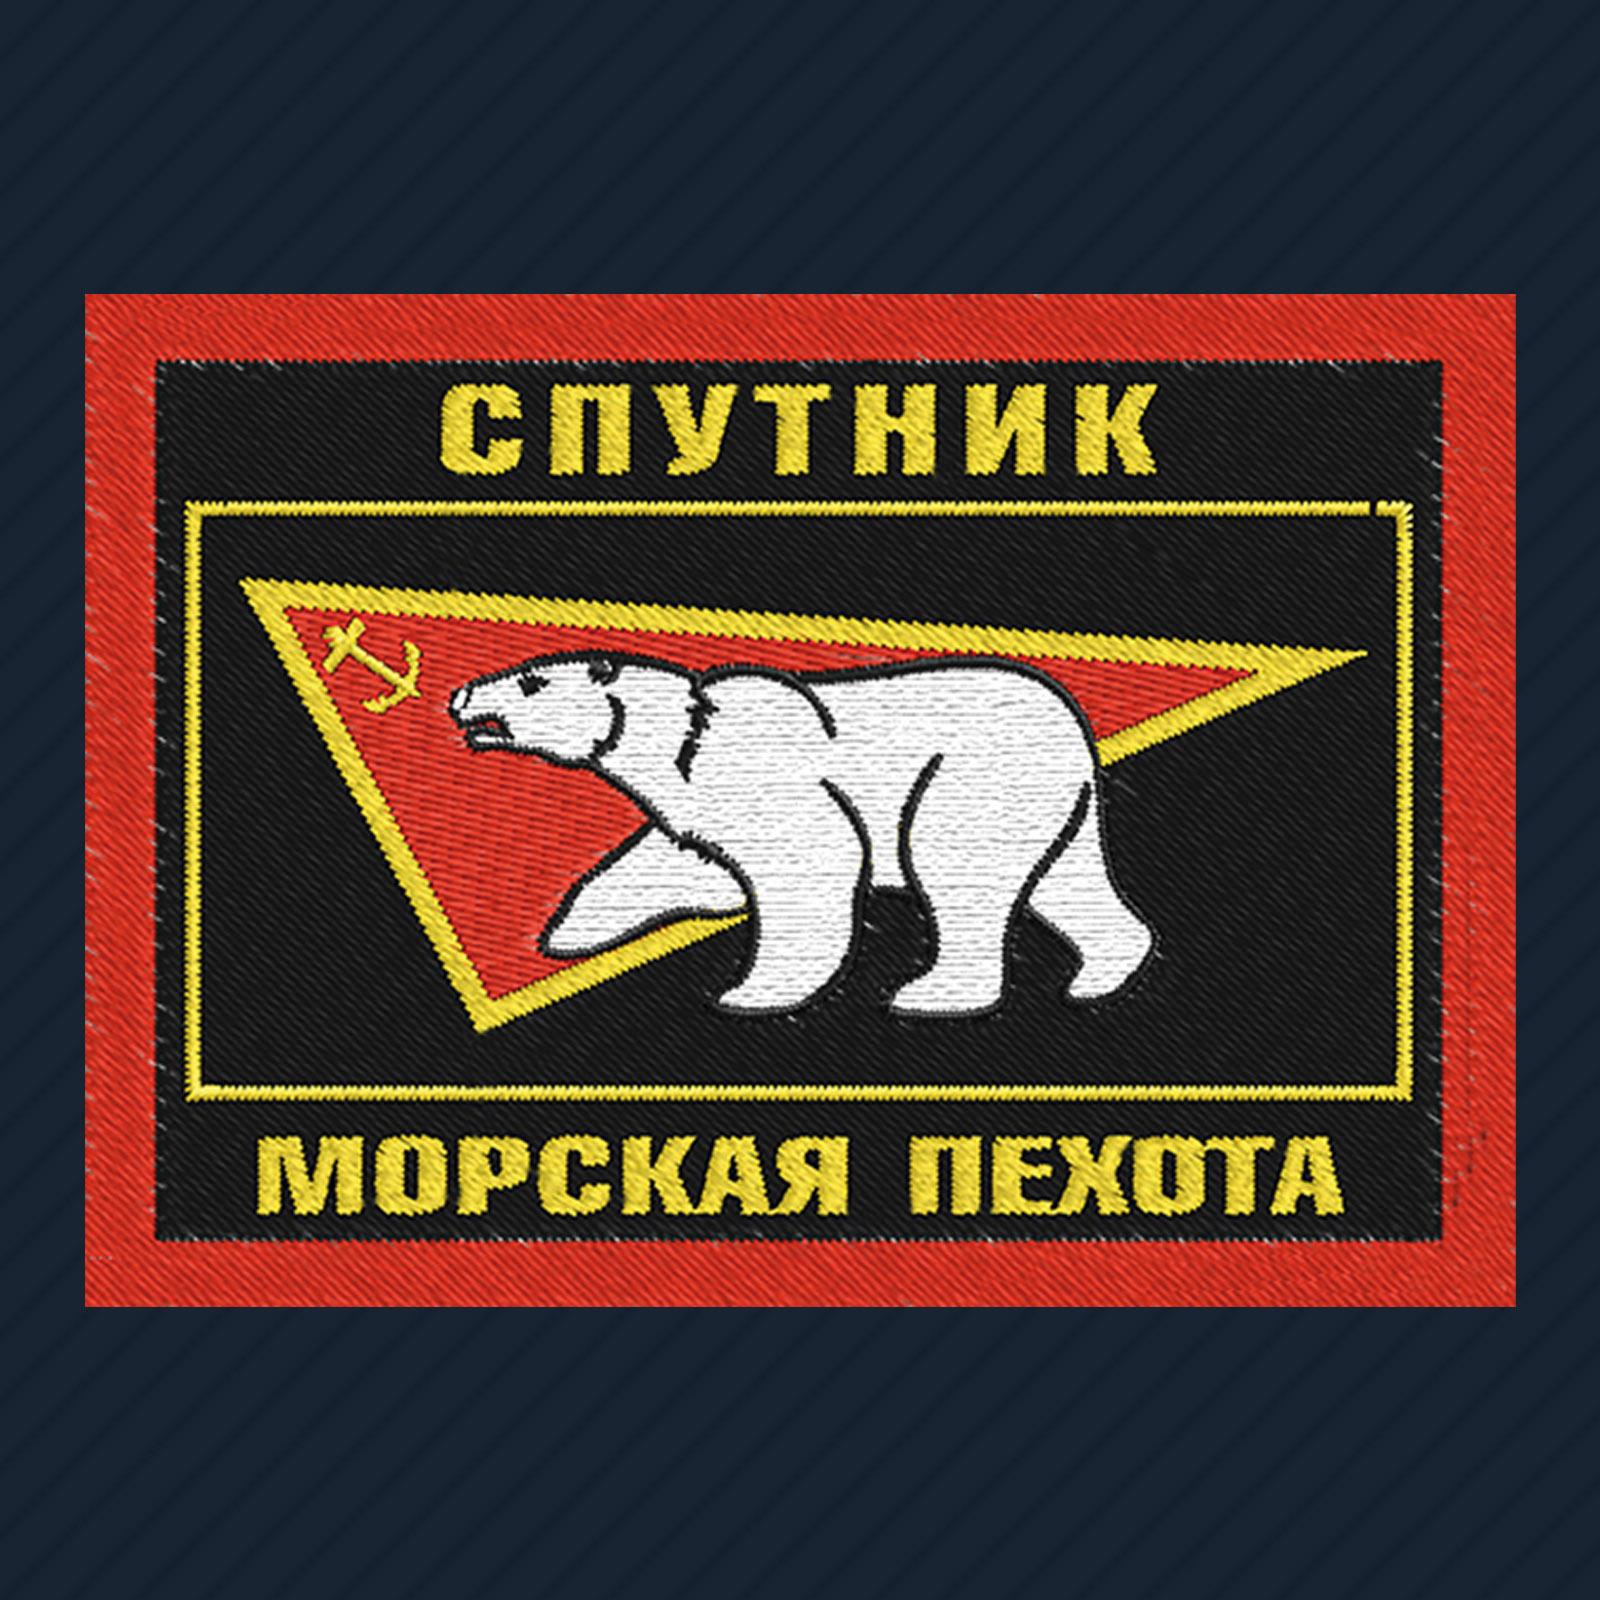 Бейсболка с шевроном Морская пехота Спутник